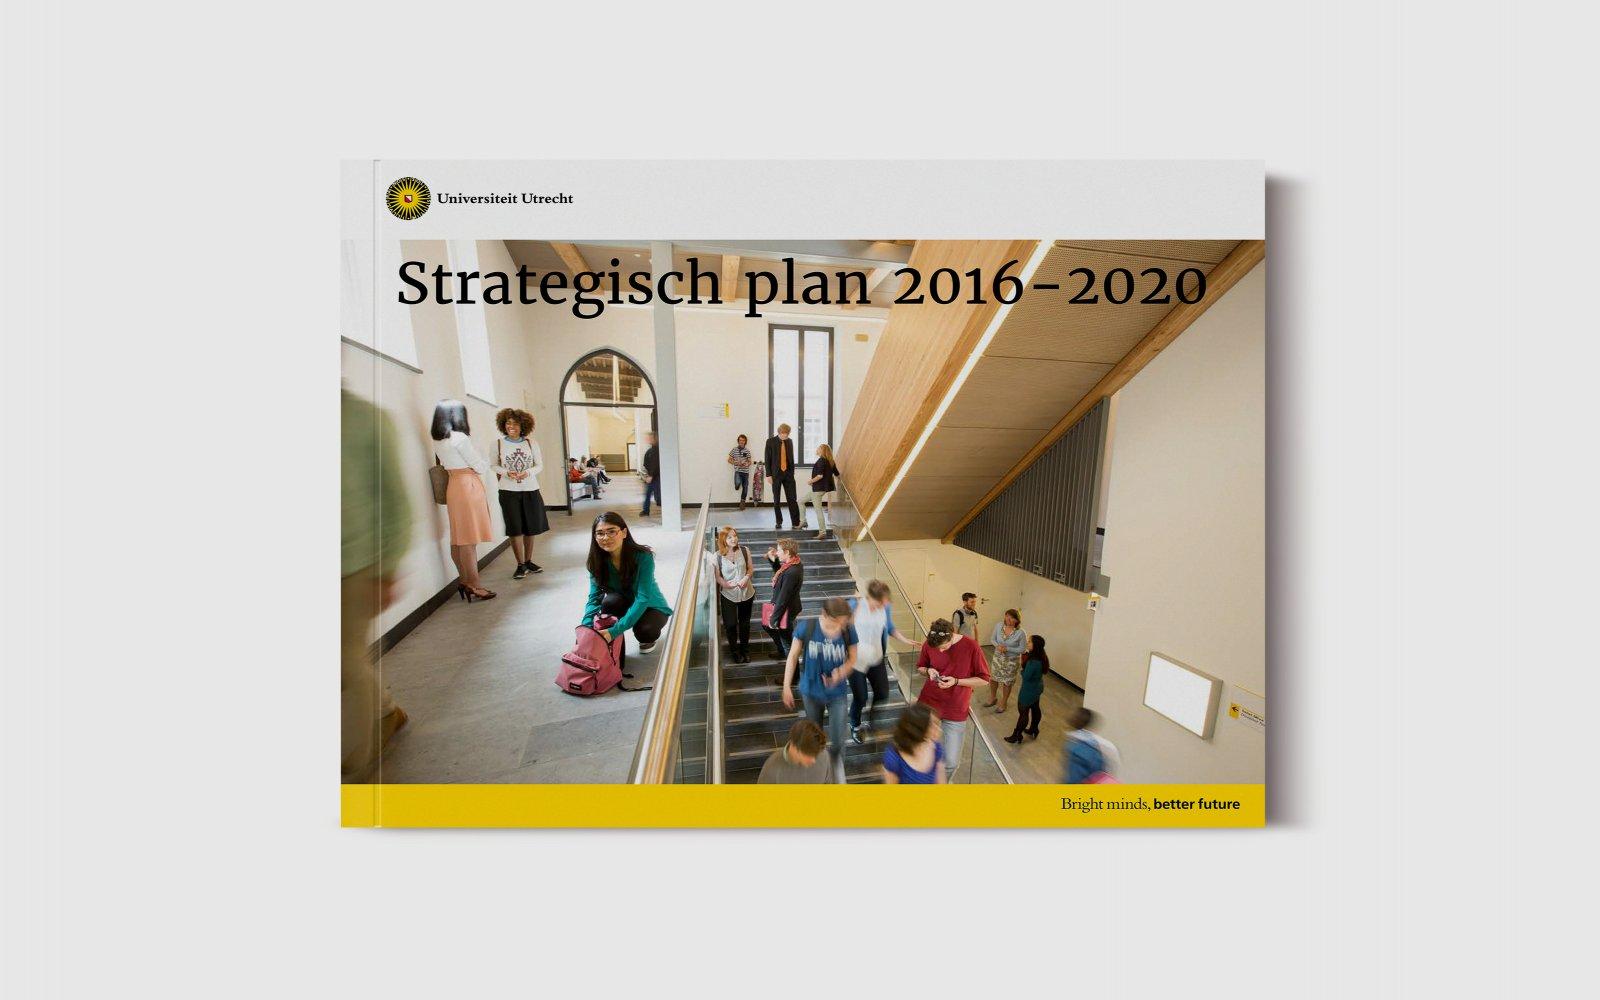 Strategisch plan 2016-2020